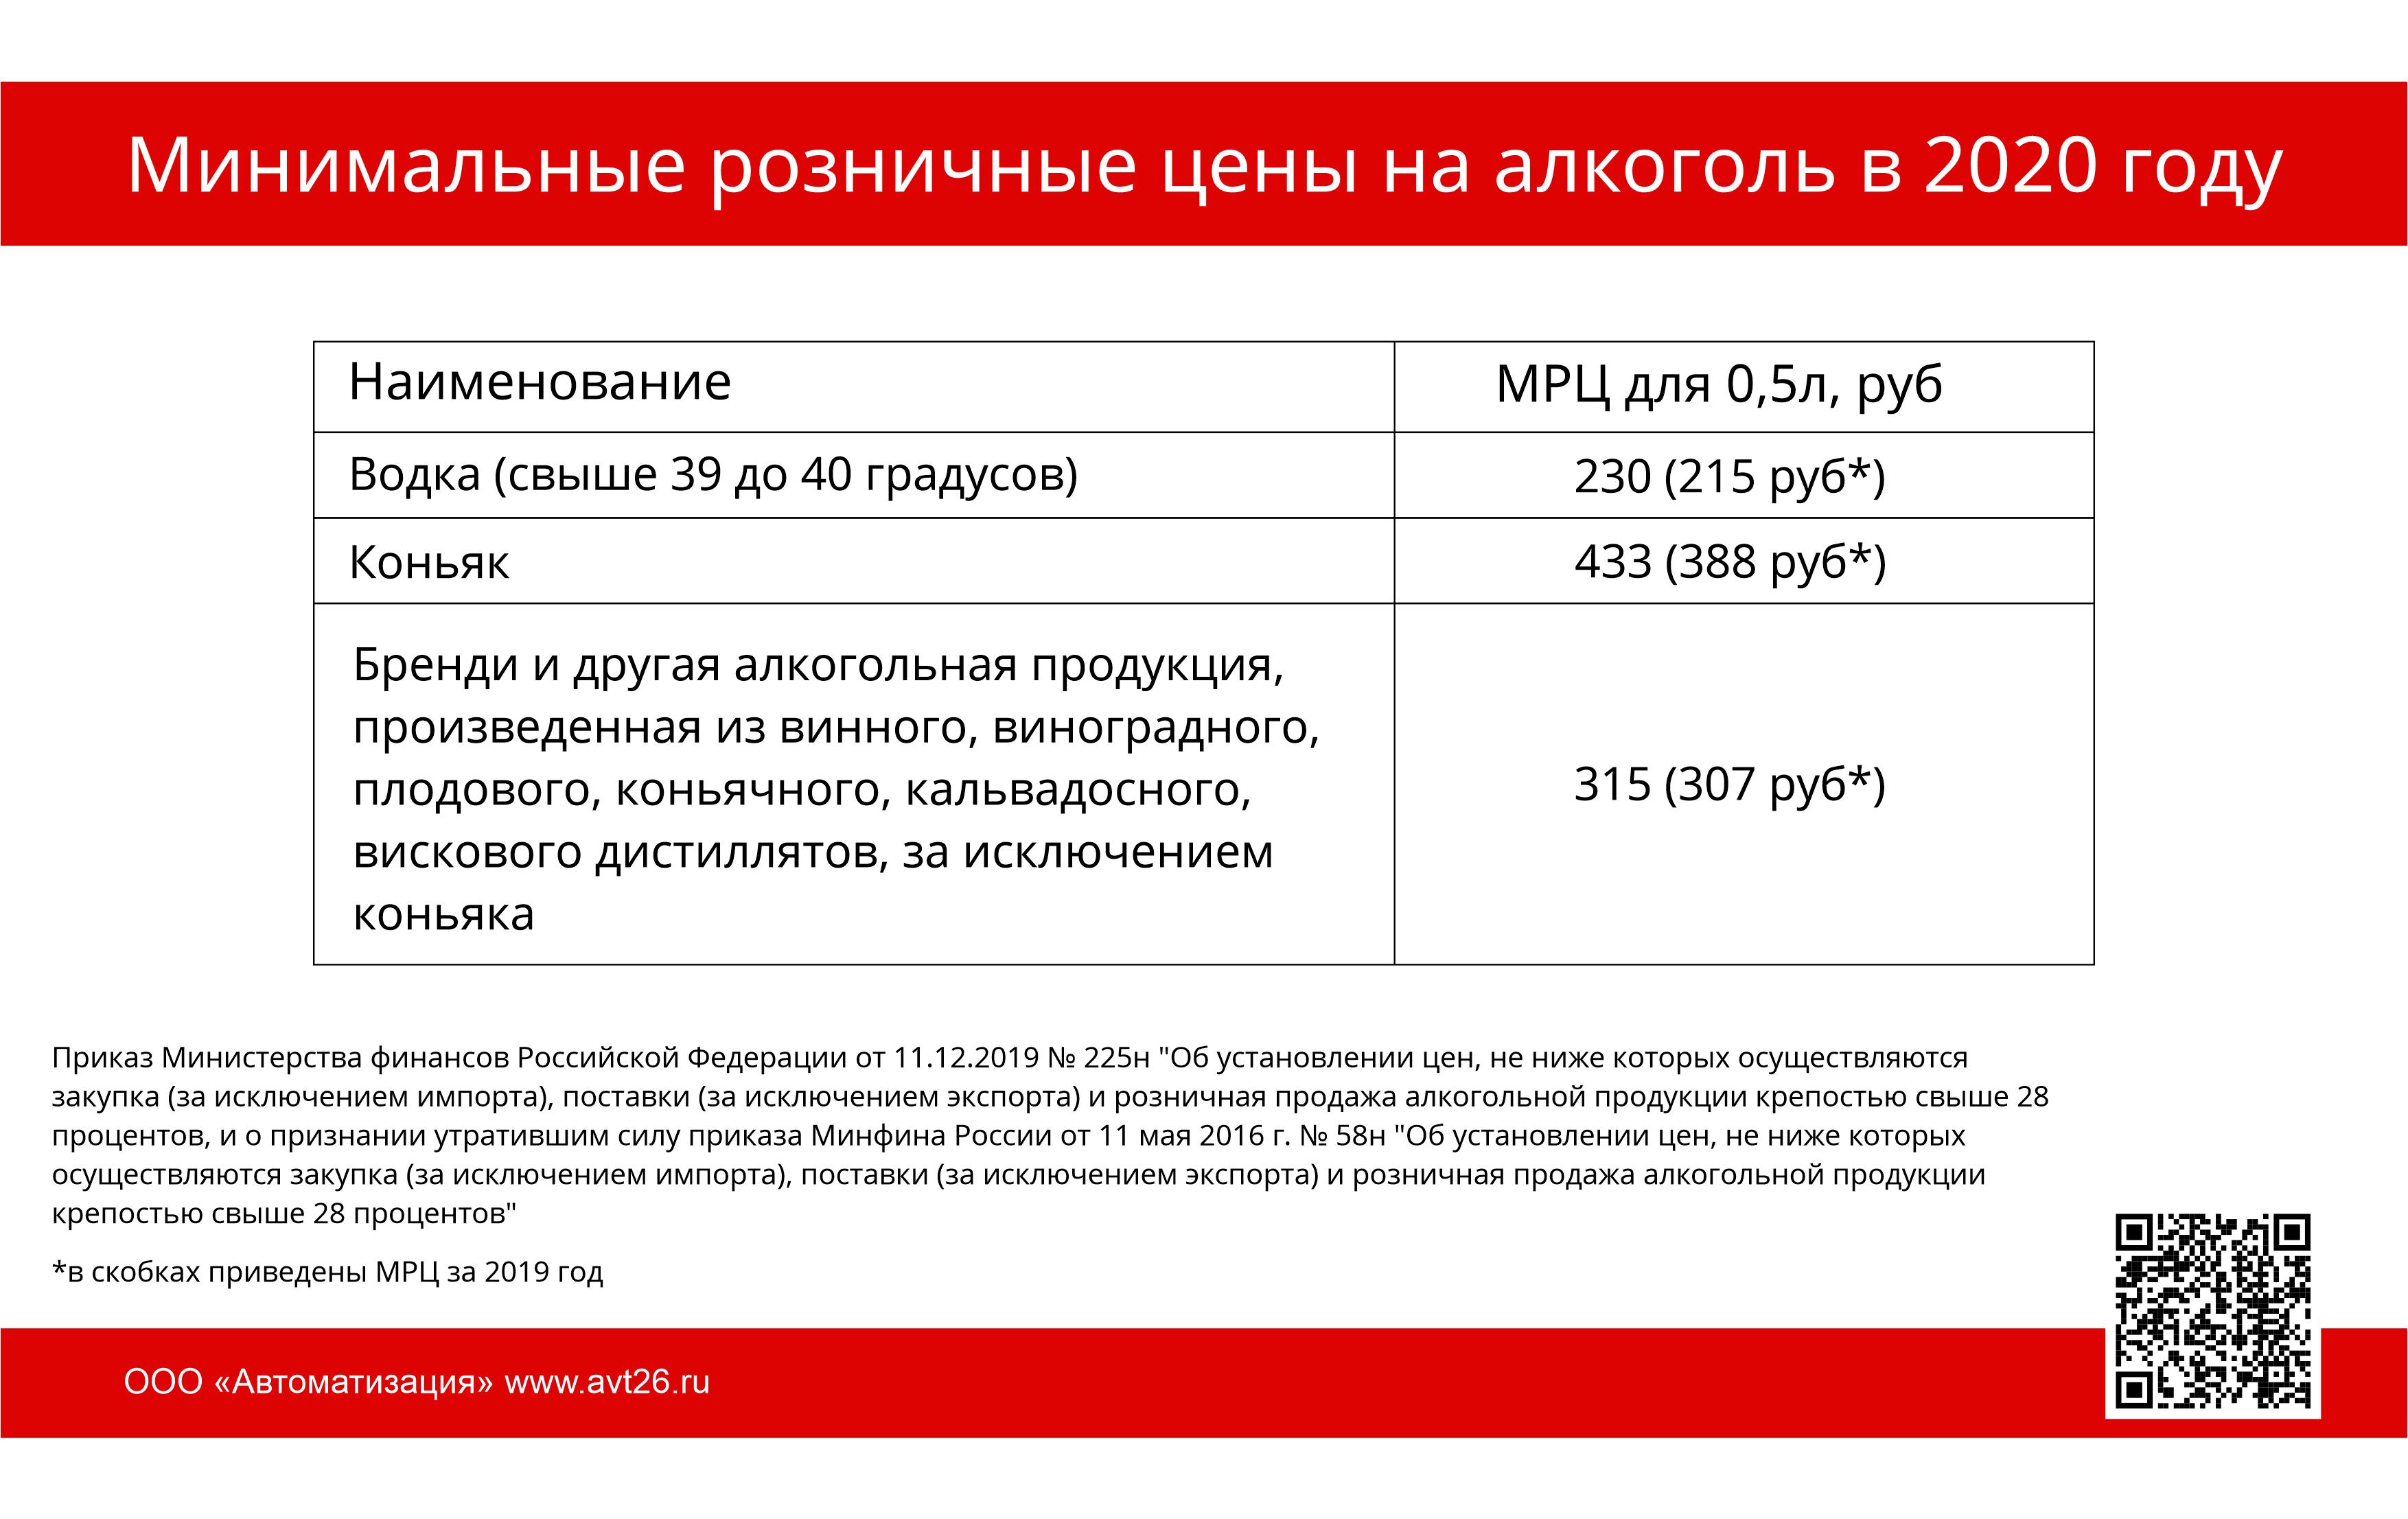 Минимальные розничные цены (МРЦ) в 2020 году